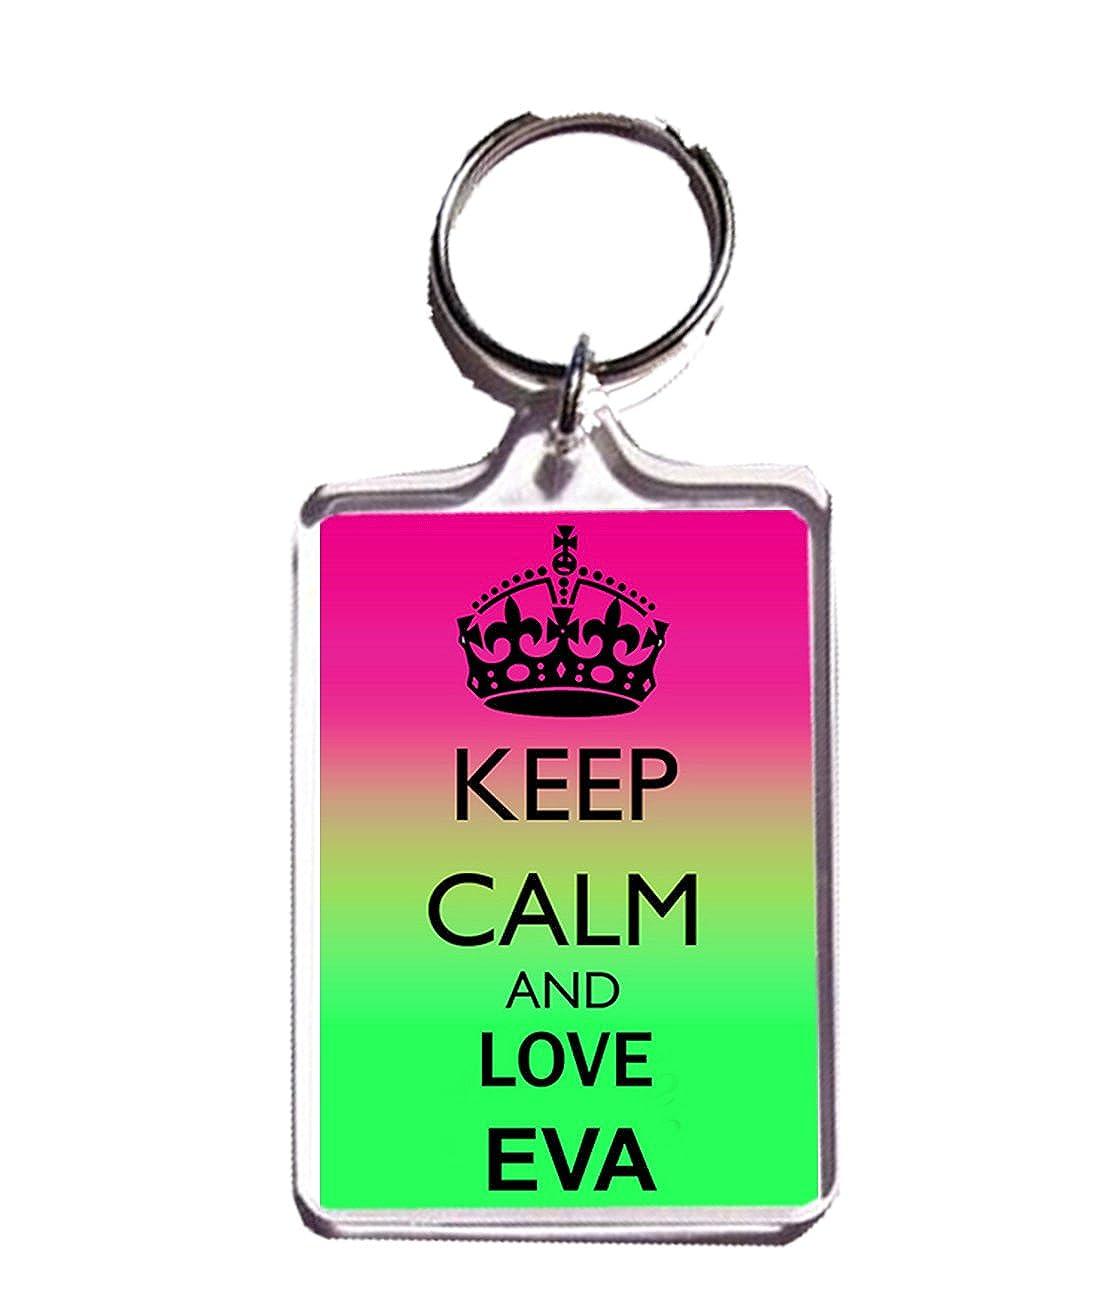 KEEP CALM AND LOVE EVA LLAVERO: Amazon.es: Ropa y accesorios